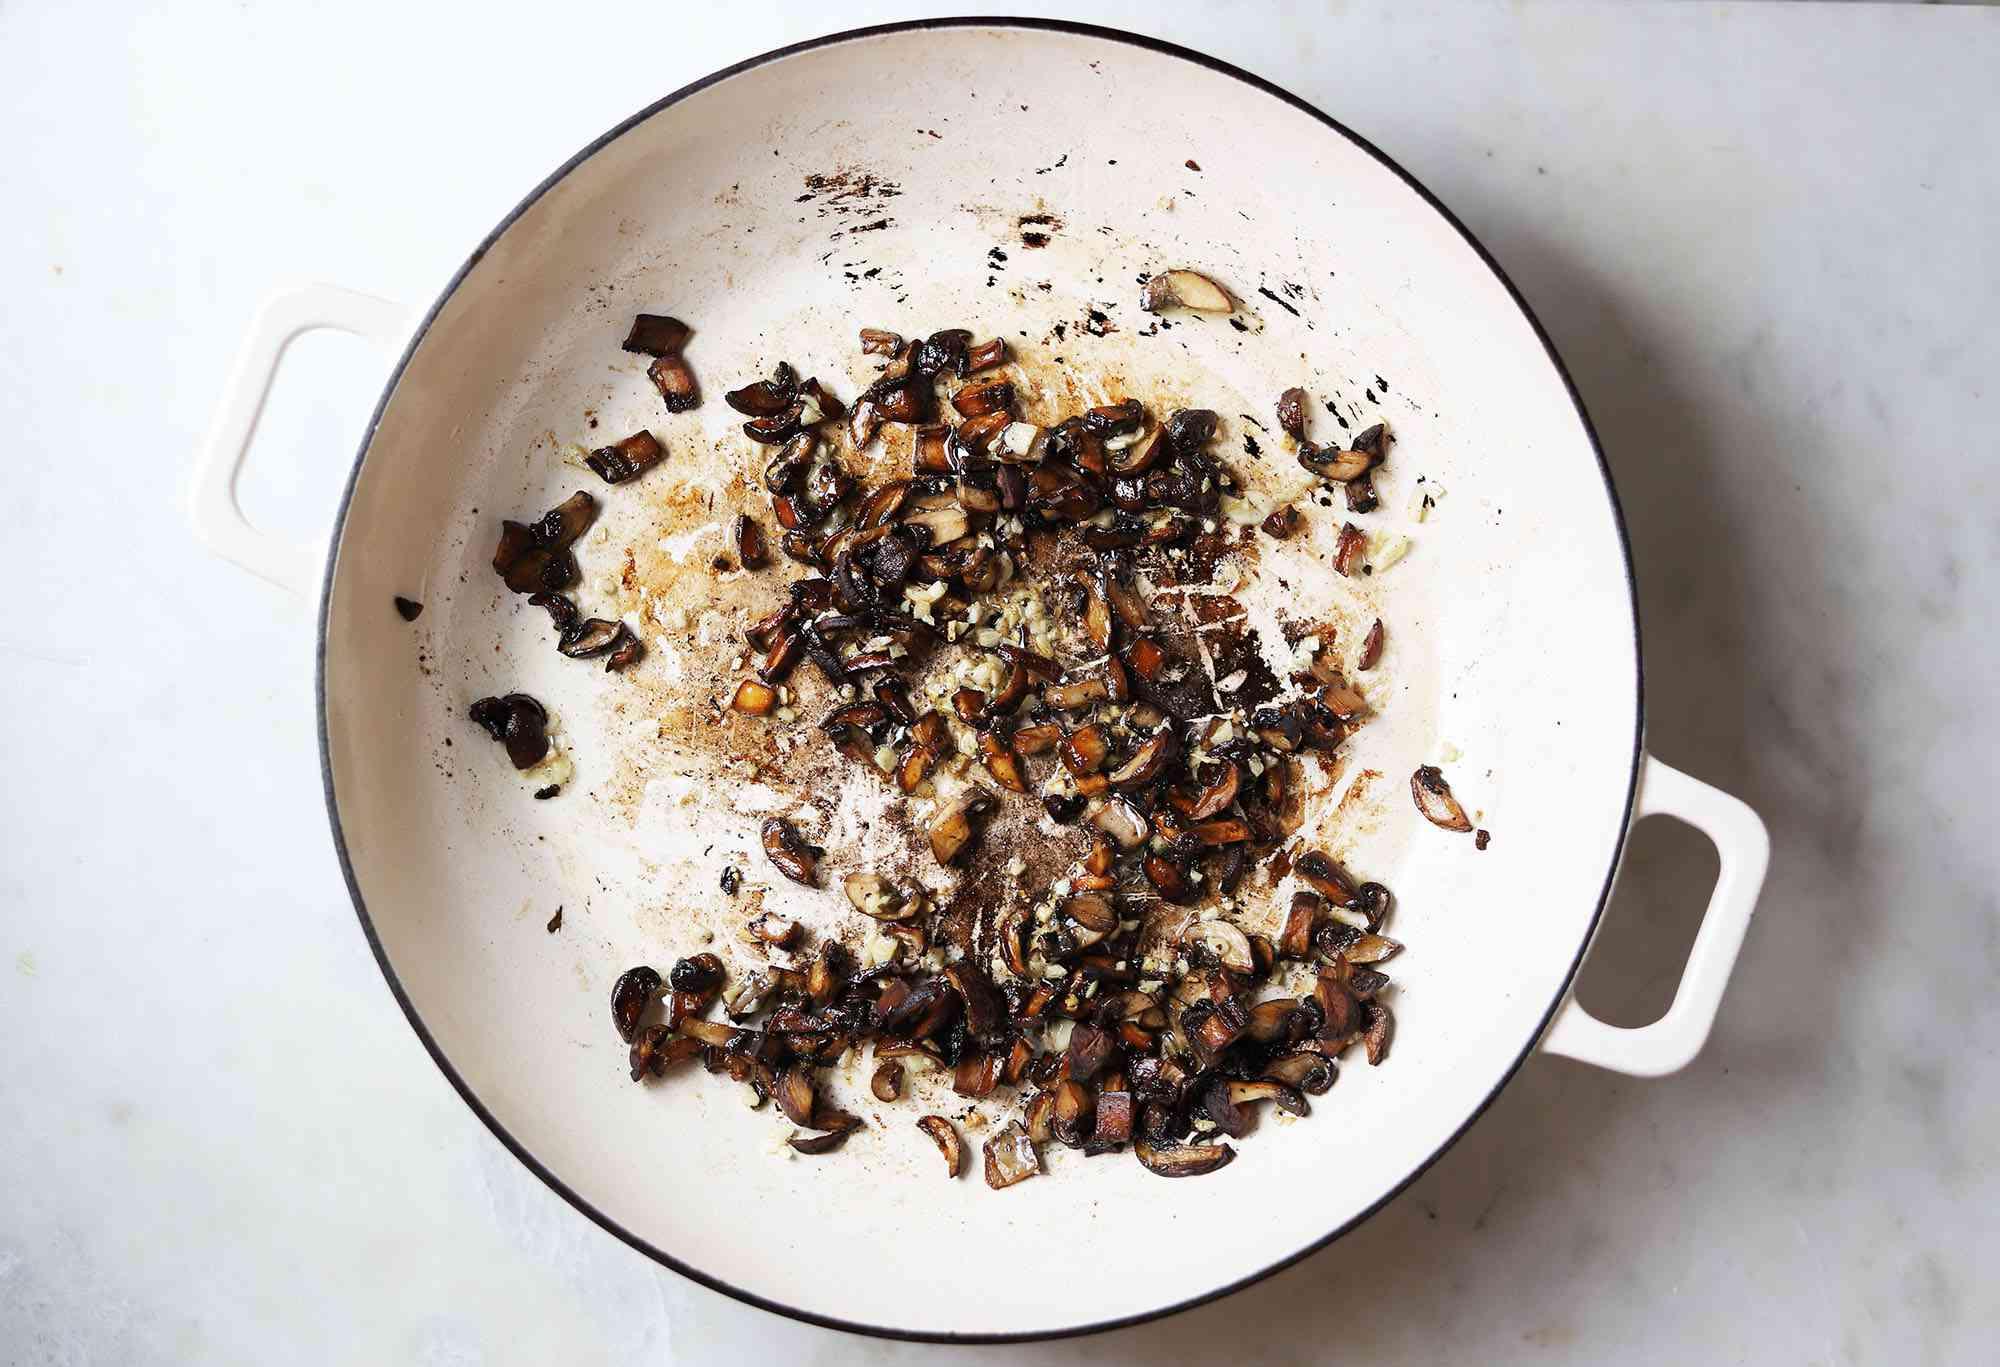 sauteed mushrooms and garlic